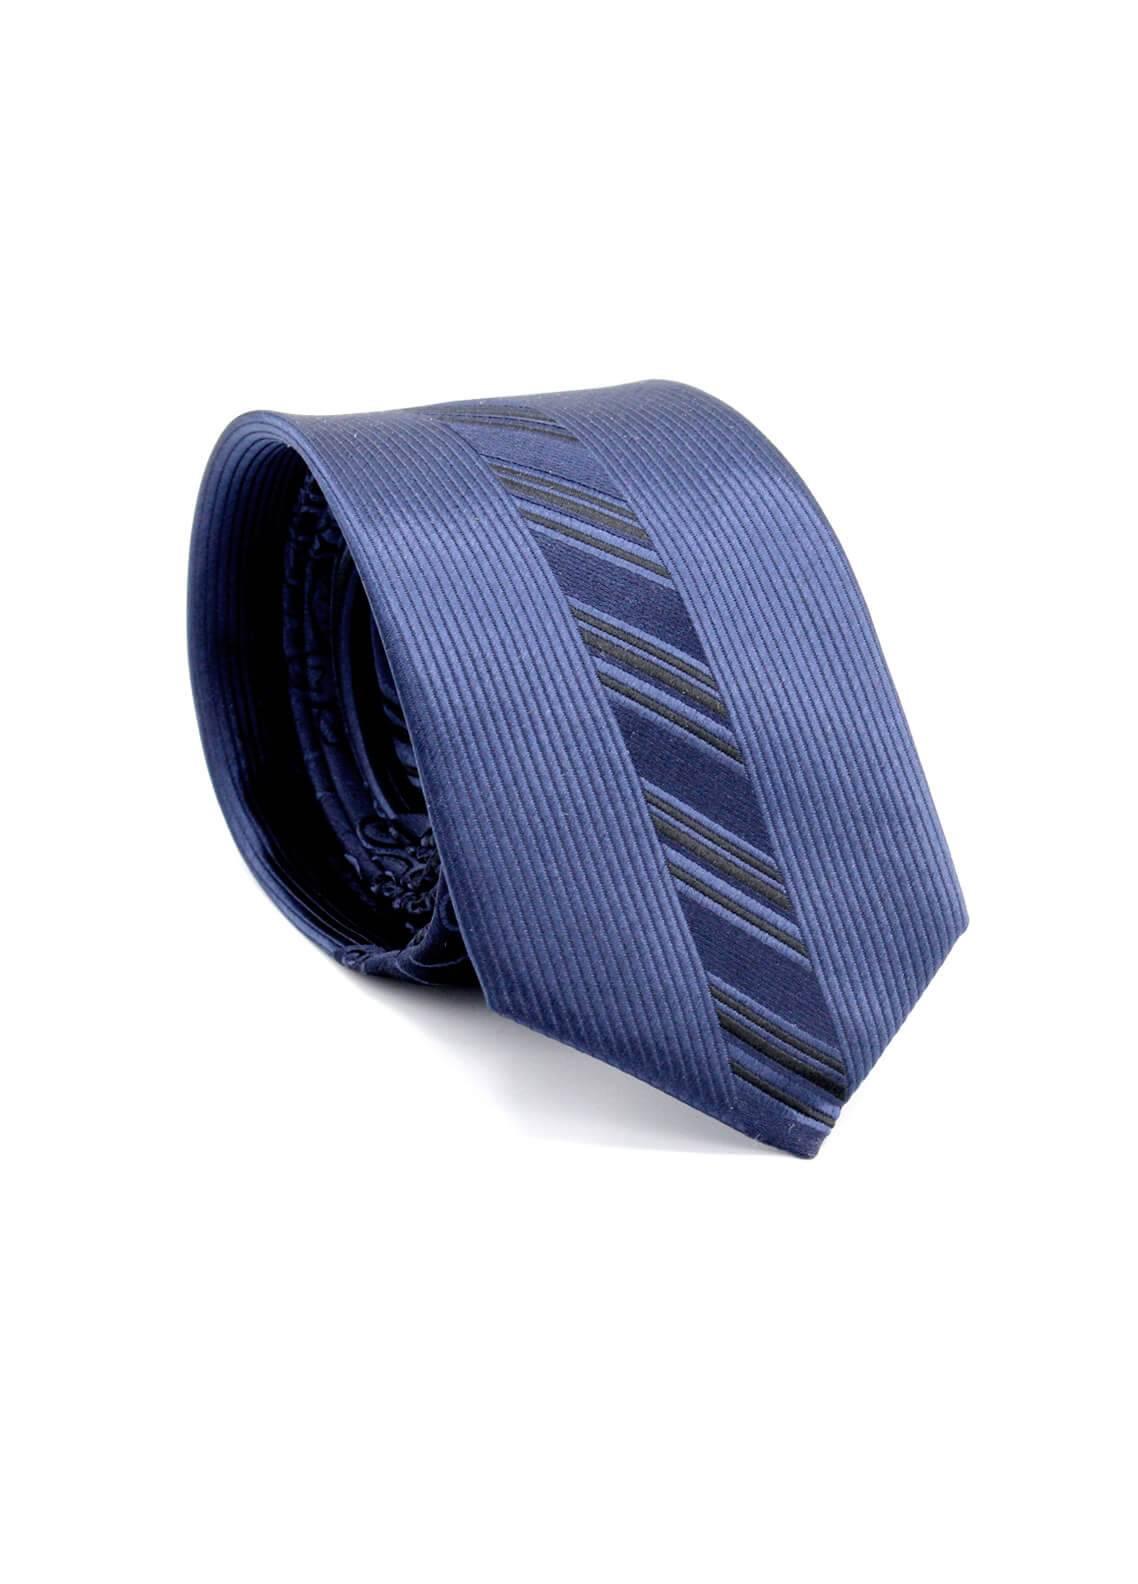 Skangen Multi-Patterned Wool Neck Tie Neck Tie SKTI-S-011 -